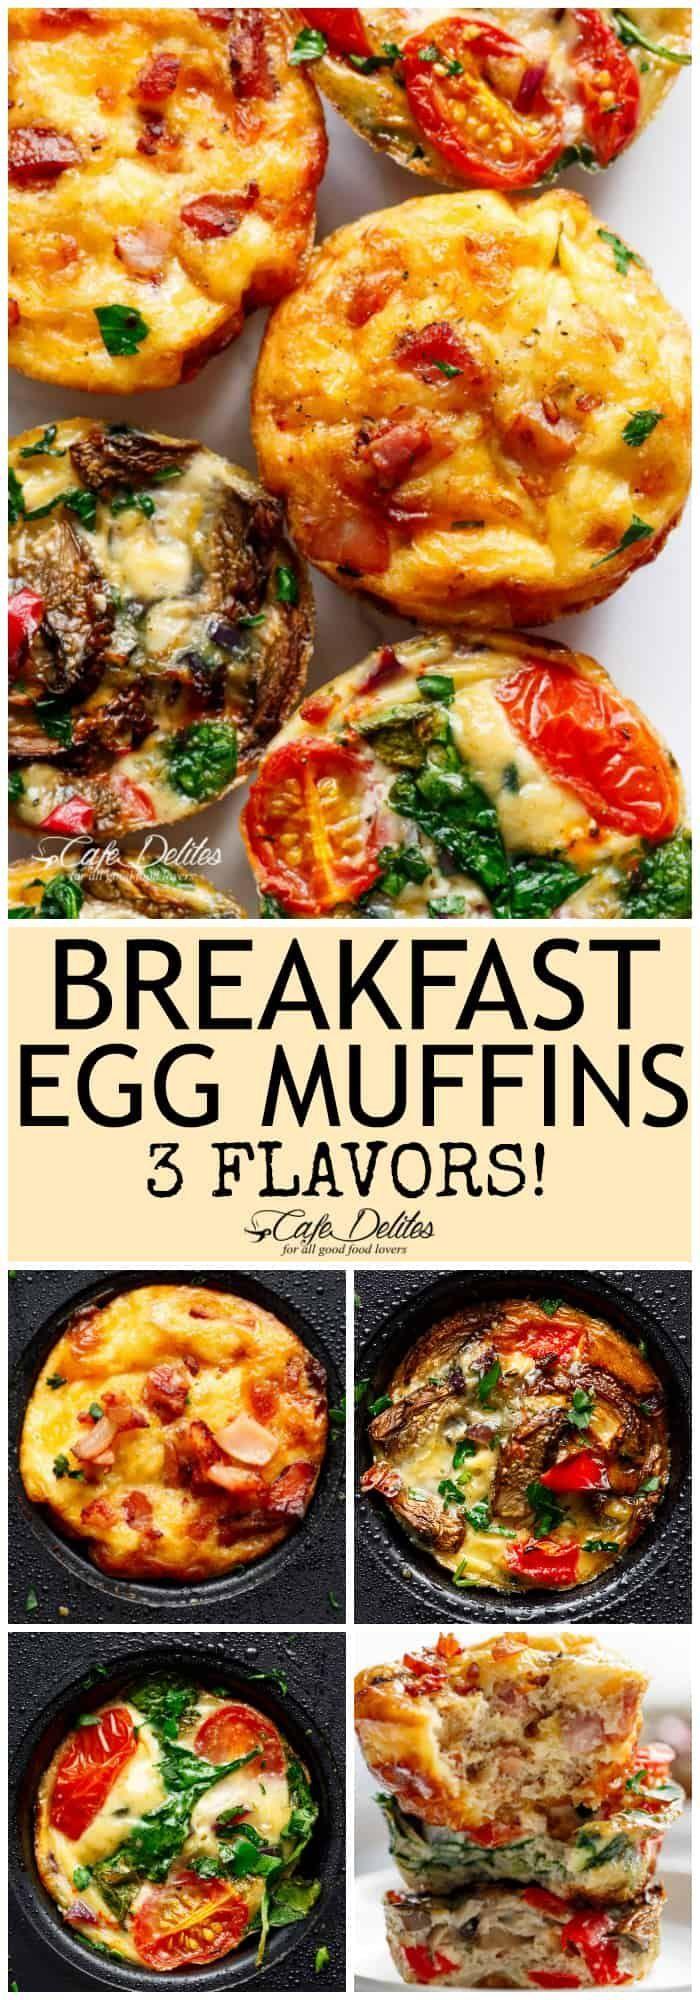 79716a7dcd3 Breakfast Egg Muffins 3 Ways (Meal Prep) - Cafe Delites